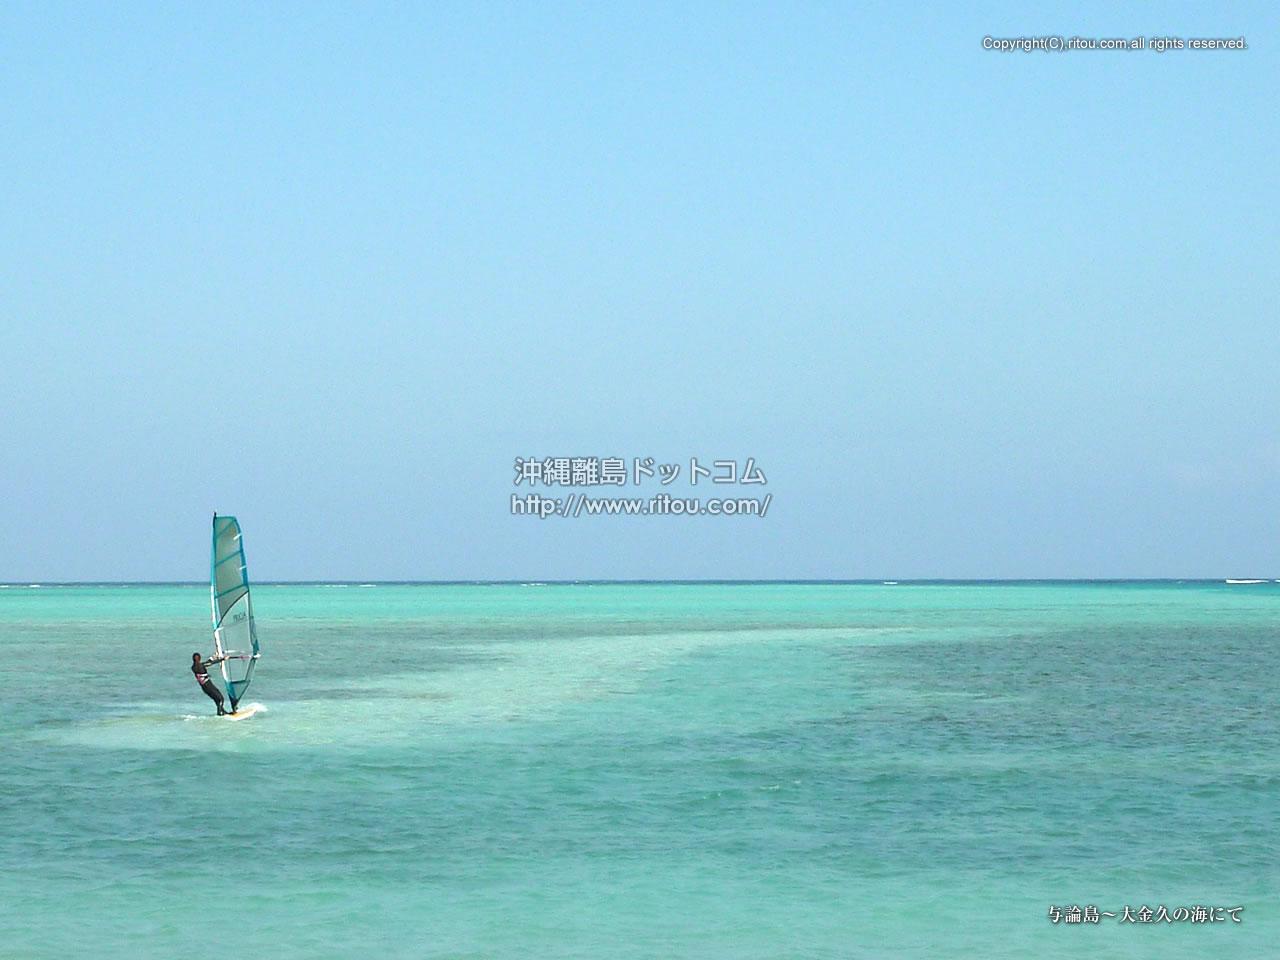 与論島〜大金久の海にて